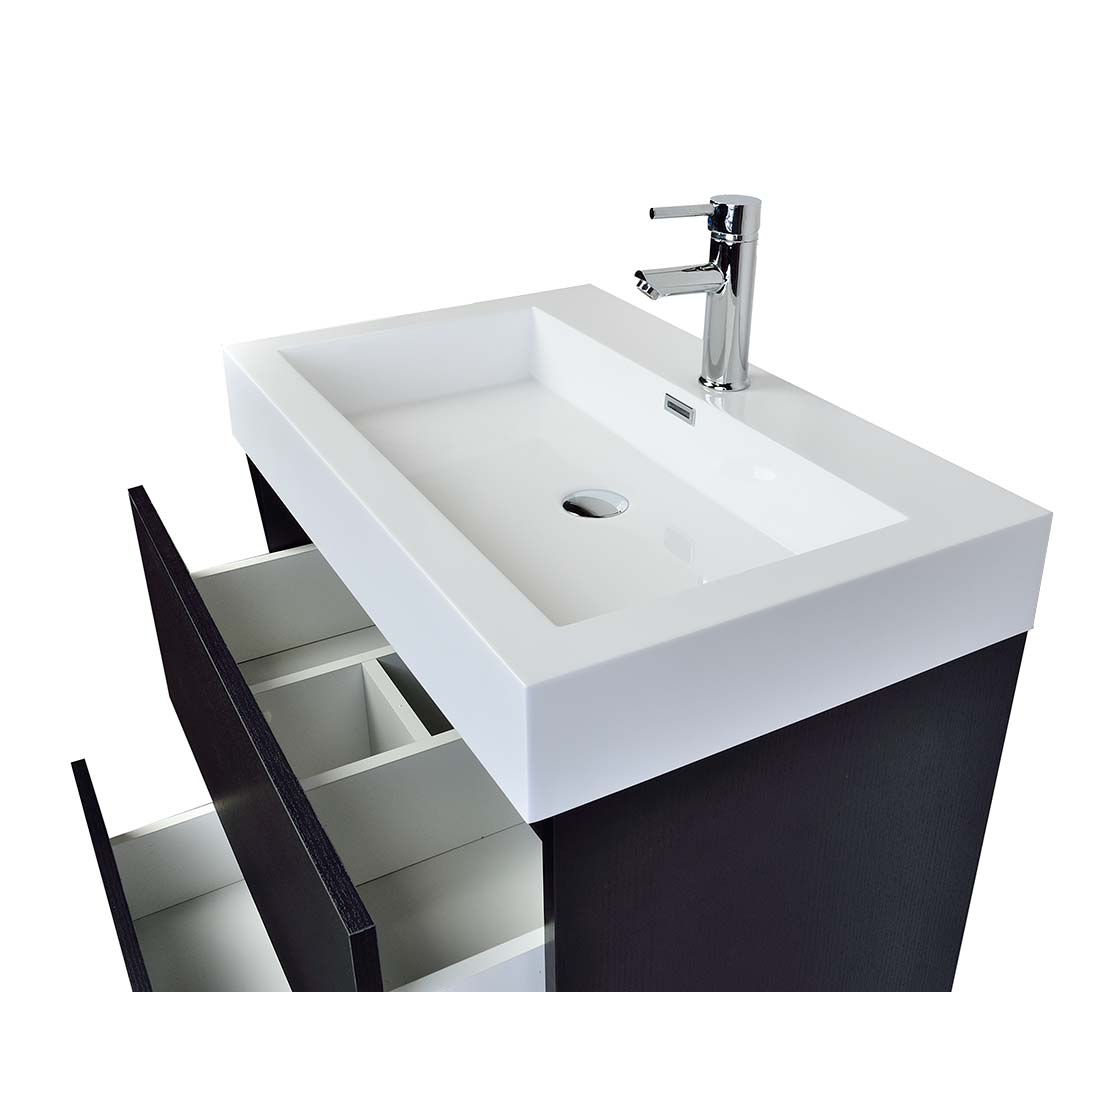 29 5 Contemporary Bathroom Vanity Black Tn Ly750 Bk Conceptbaths Com